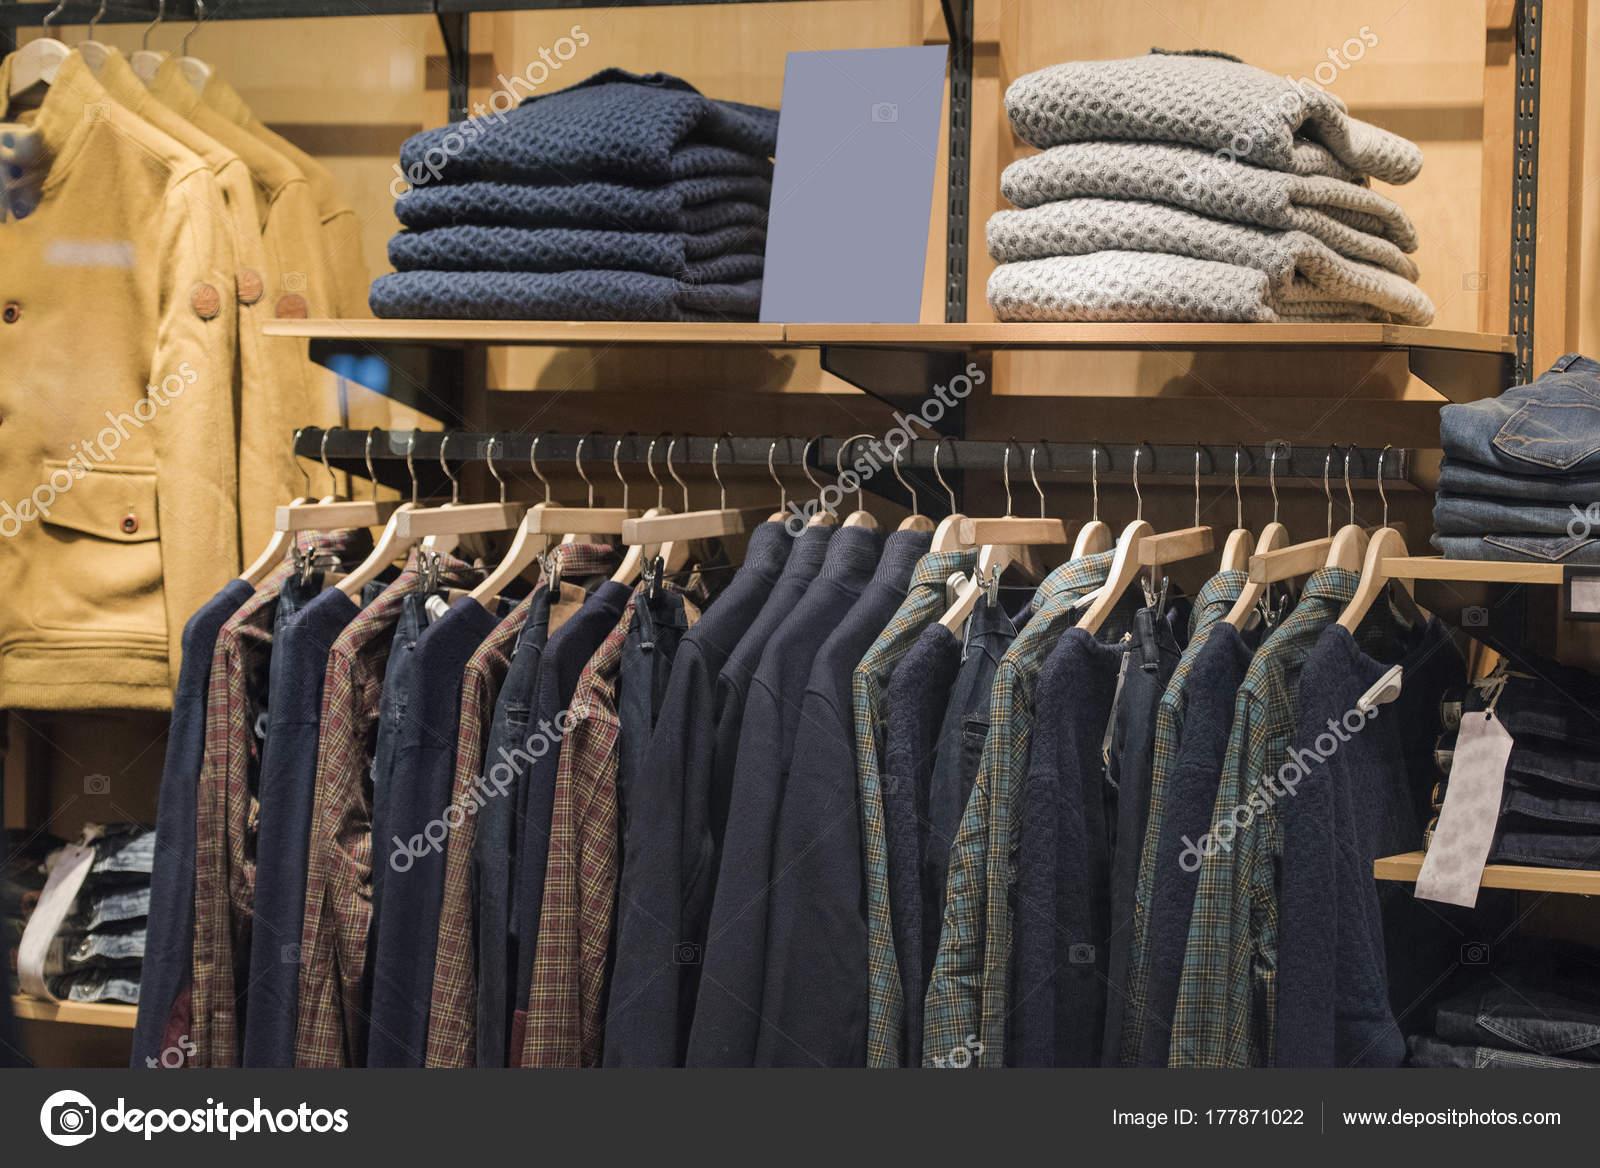 051f7e2f641c Мужская Одежда Осенью Зимней Коллекции Милане — Стоковое фото ...